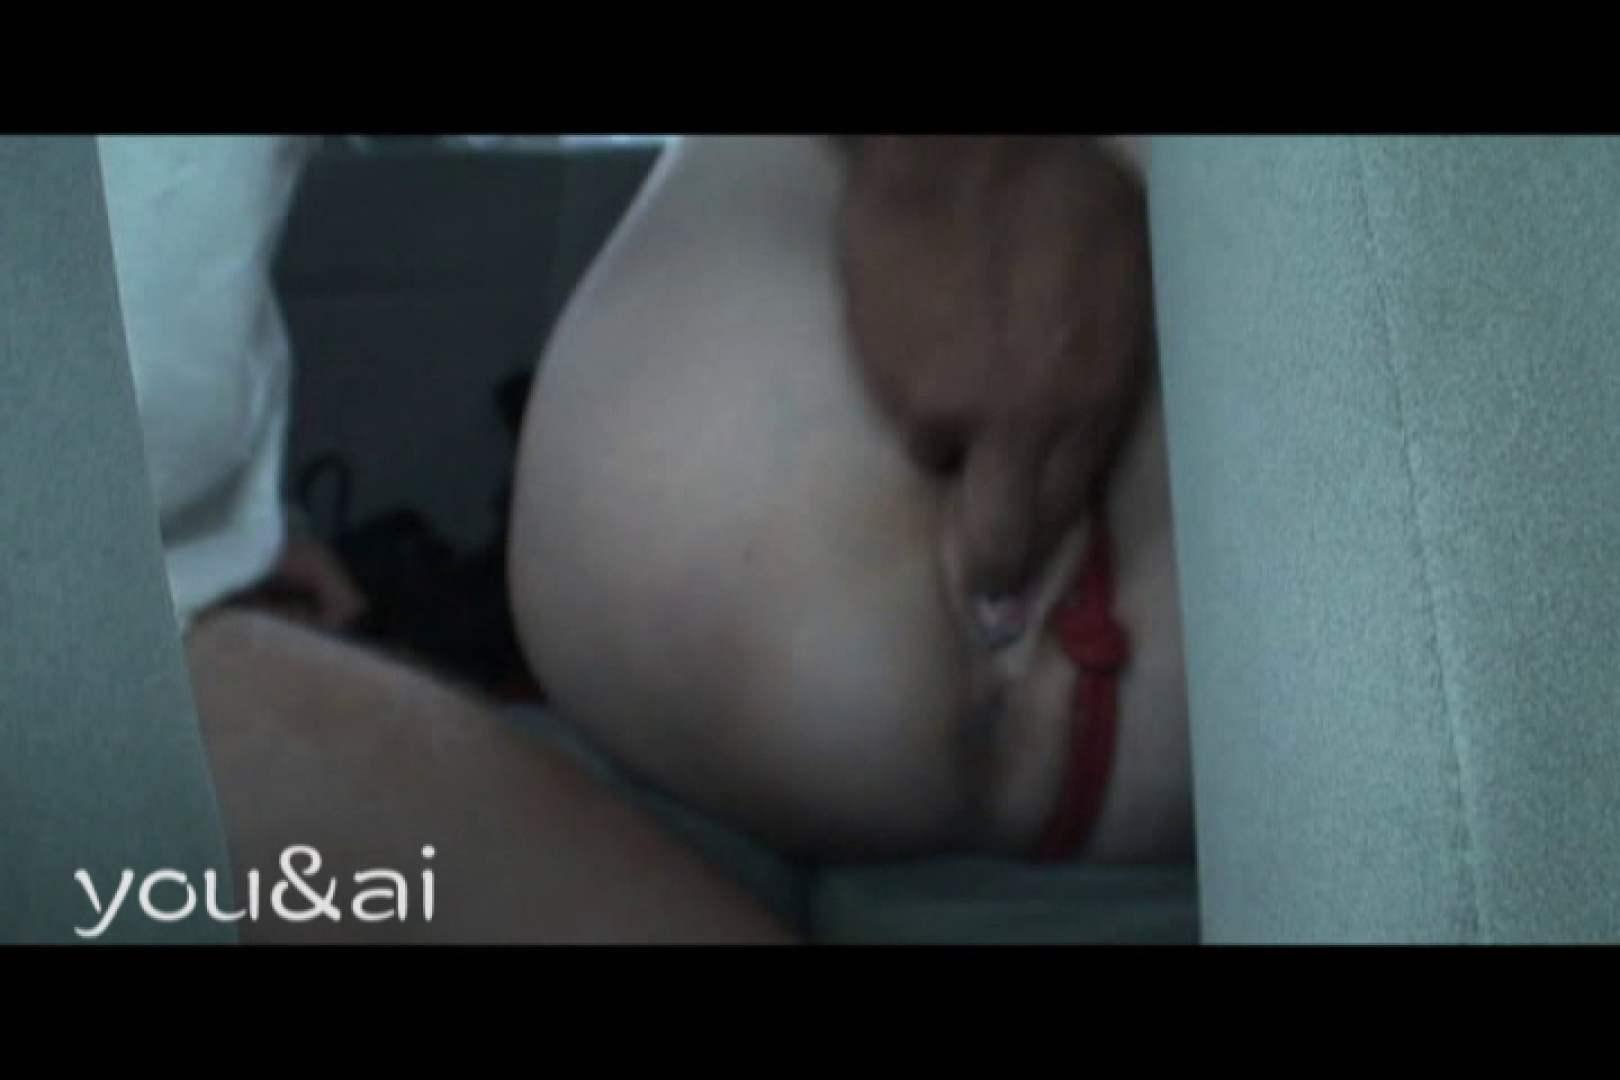 おしどり夫婦のyou&aiさん投稿作品vol.4 カーセックス アダルト動画キャプチャ 71pic 31